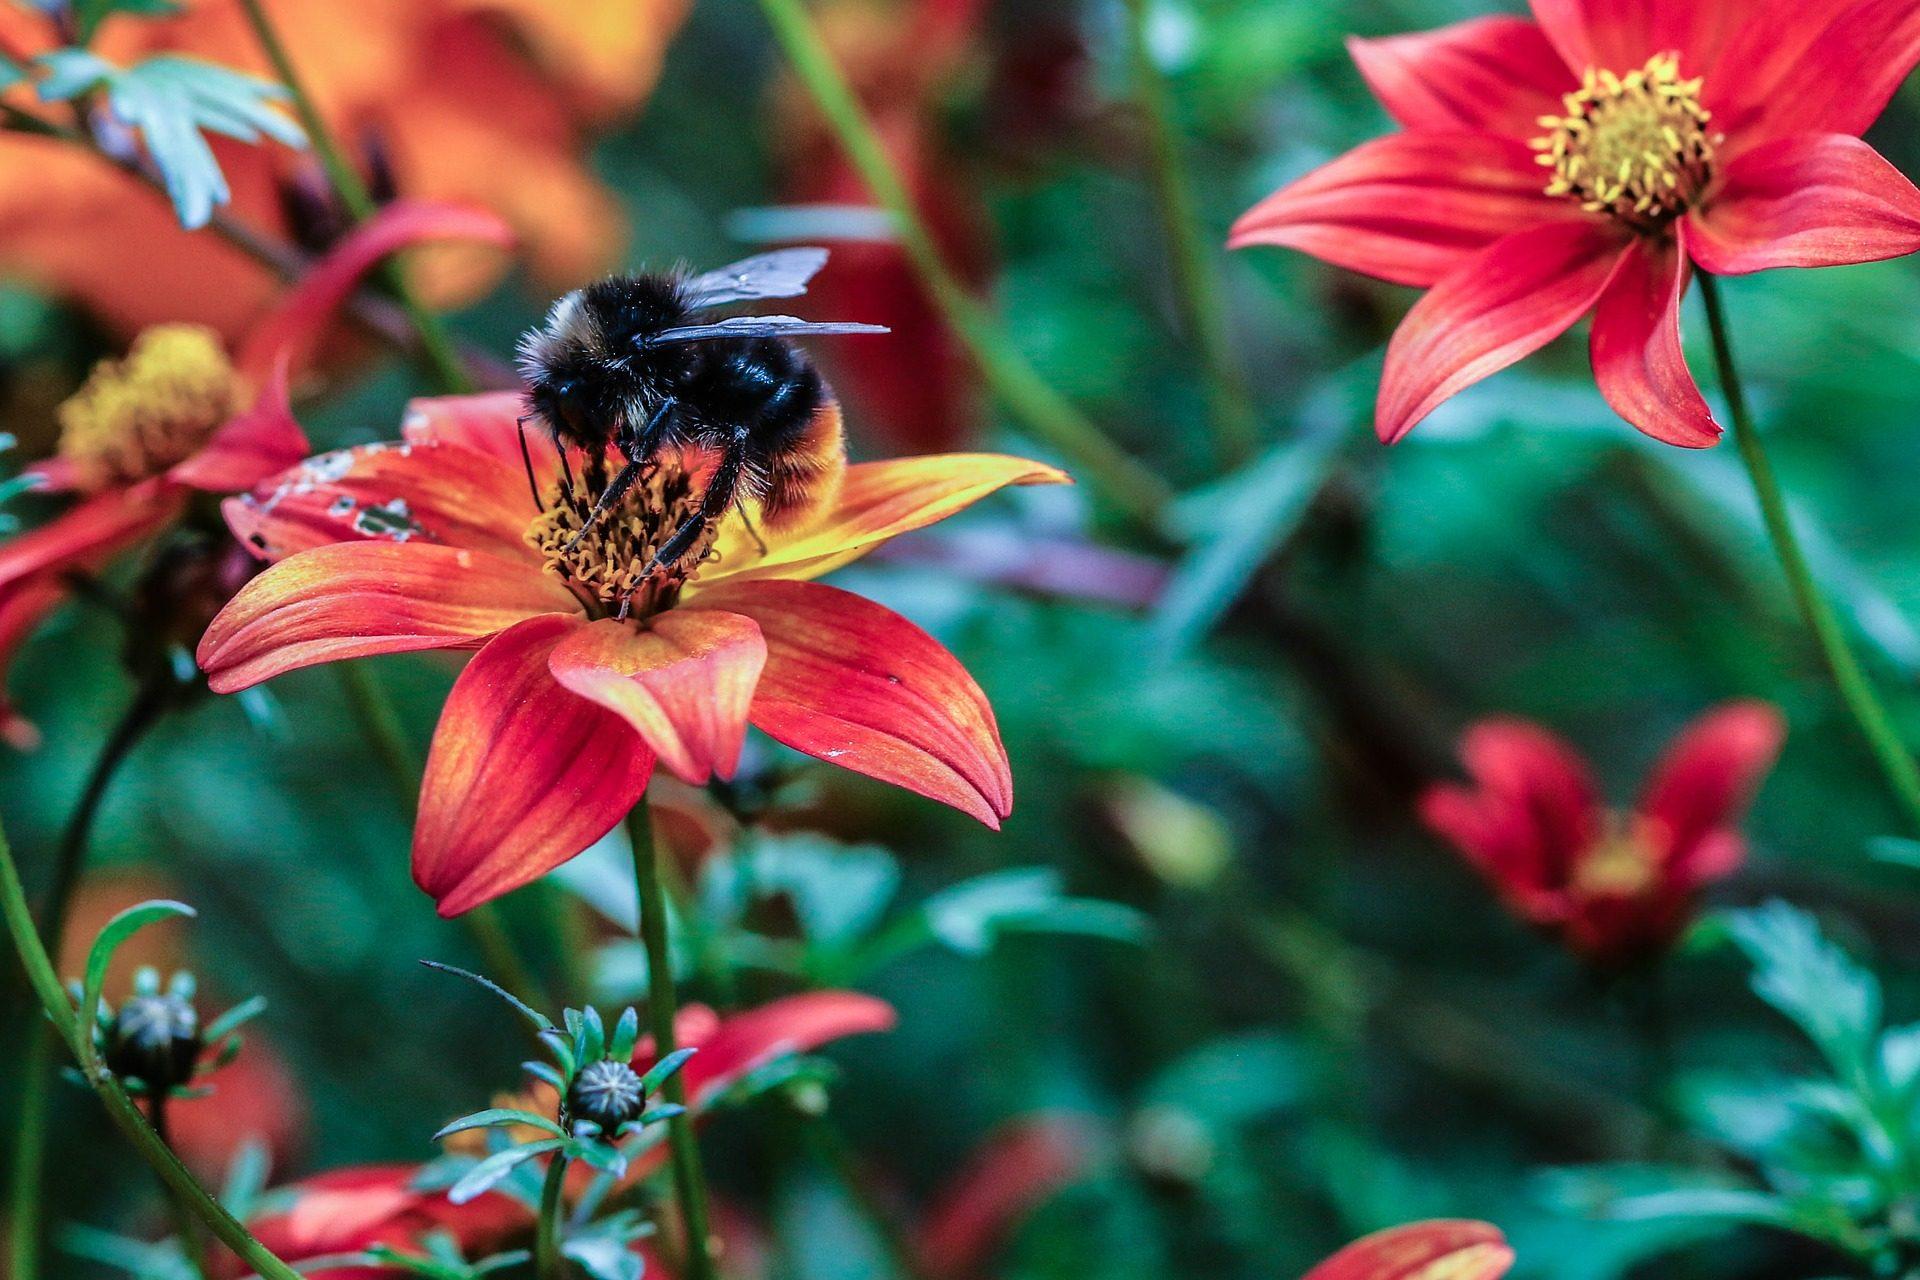 फूल, मधुमक्खी, भौंरा, पंखुड़ियों, परागण, के बारे में - HD वॉलपेपर - प्रोफेसर-falken.com